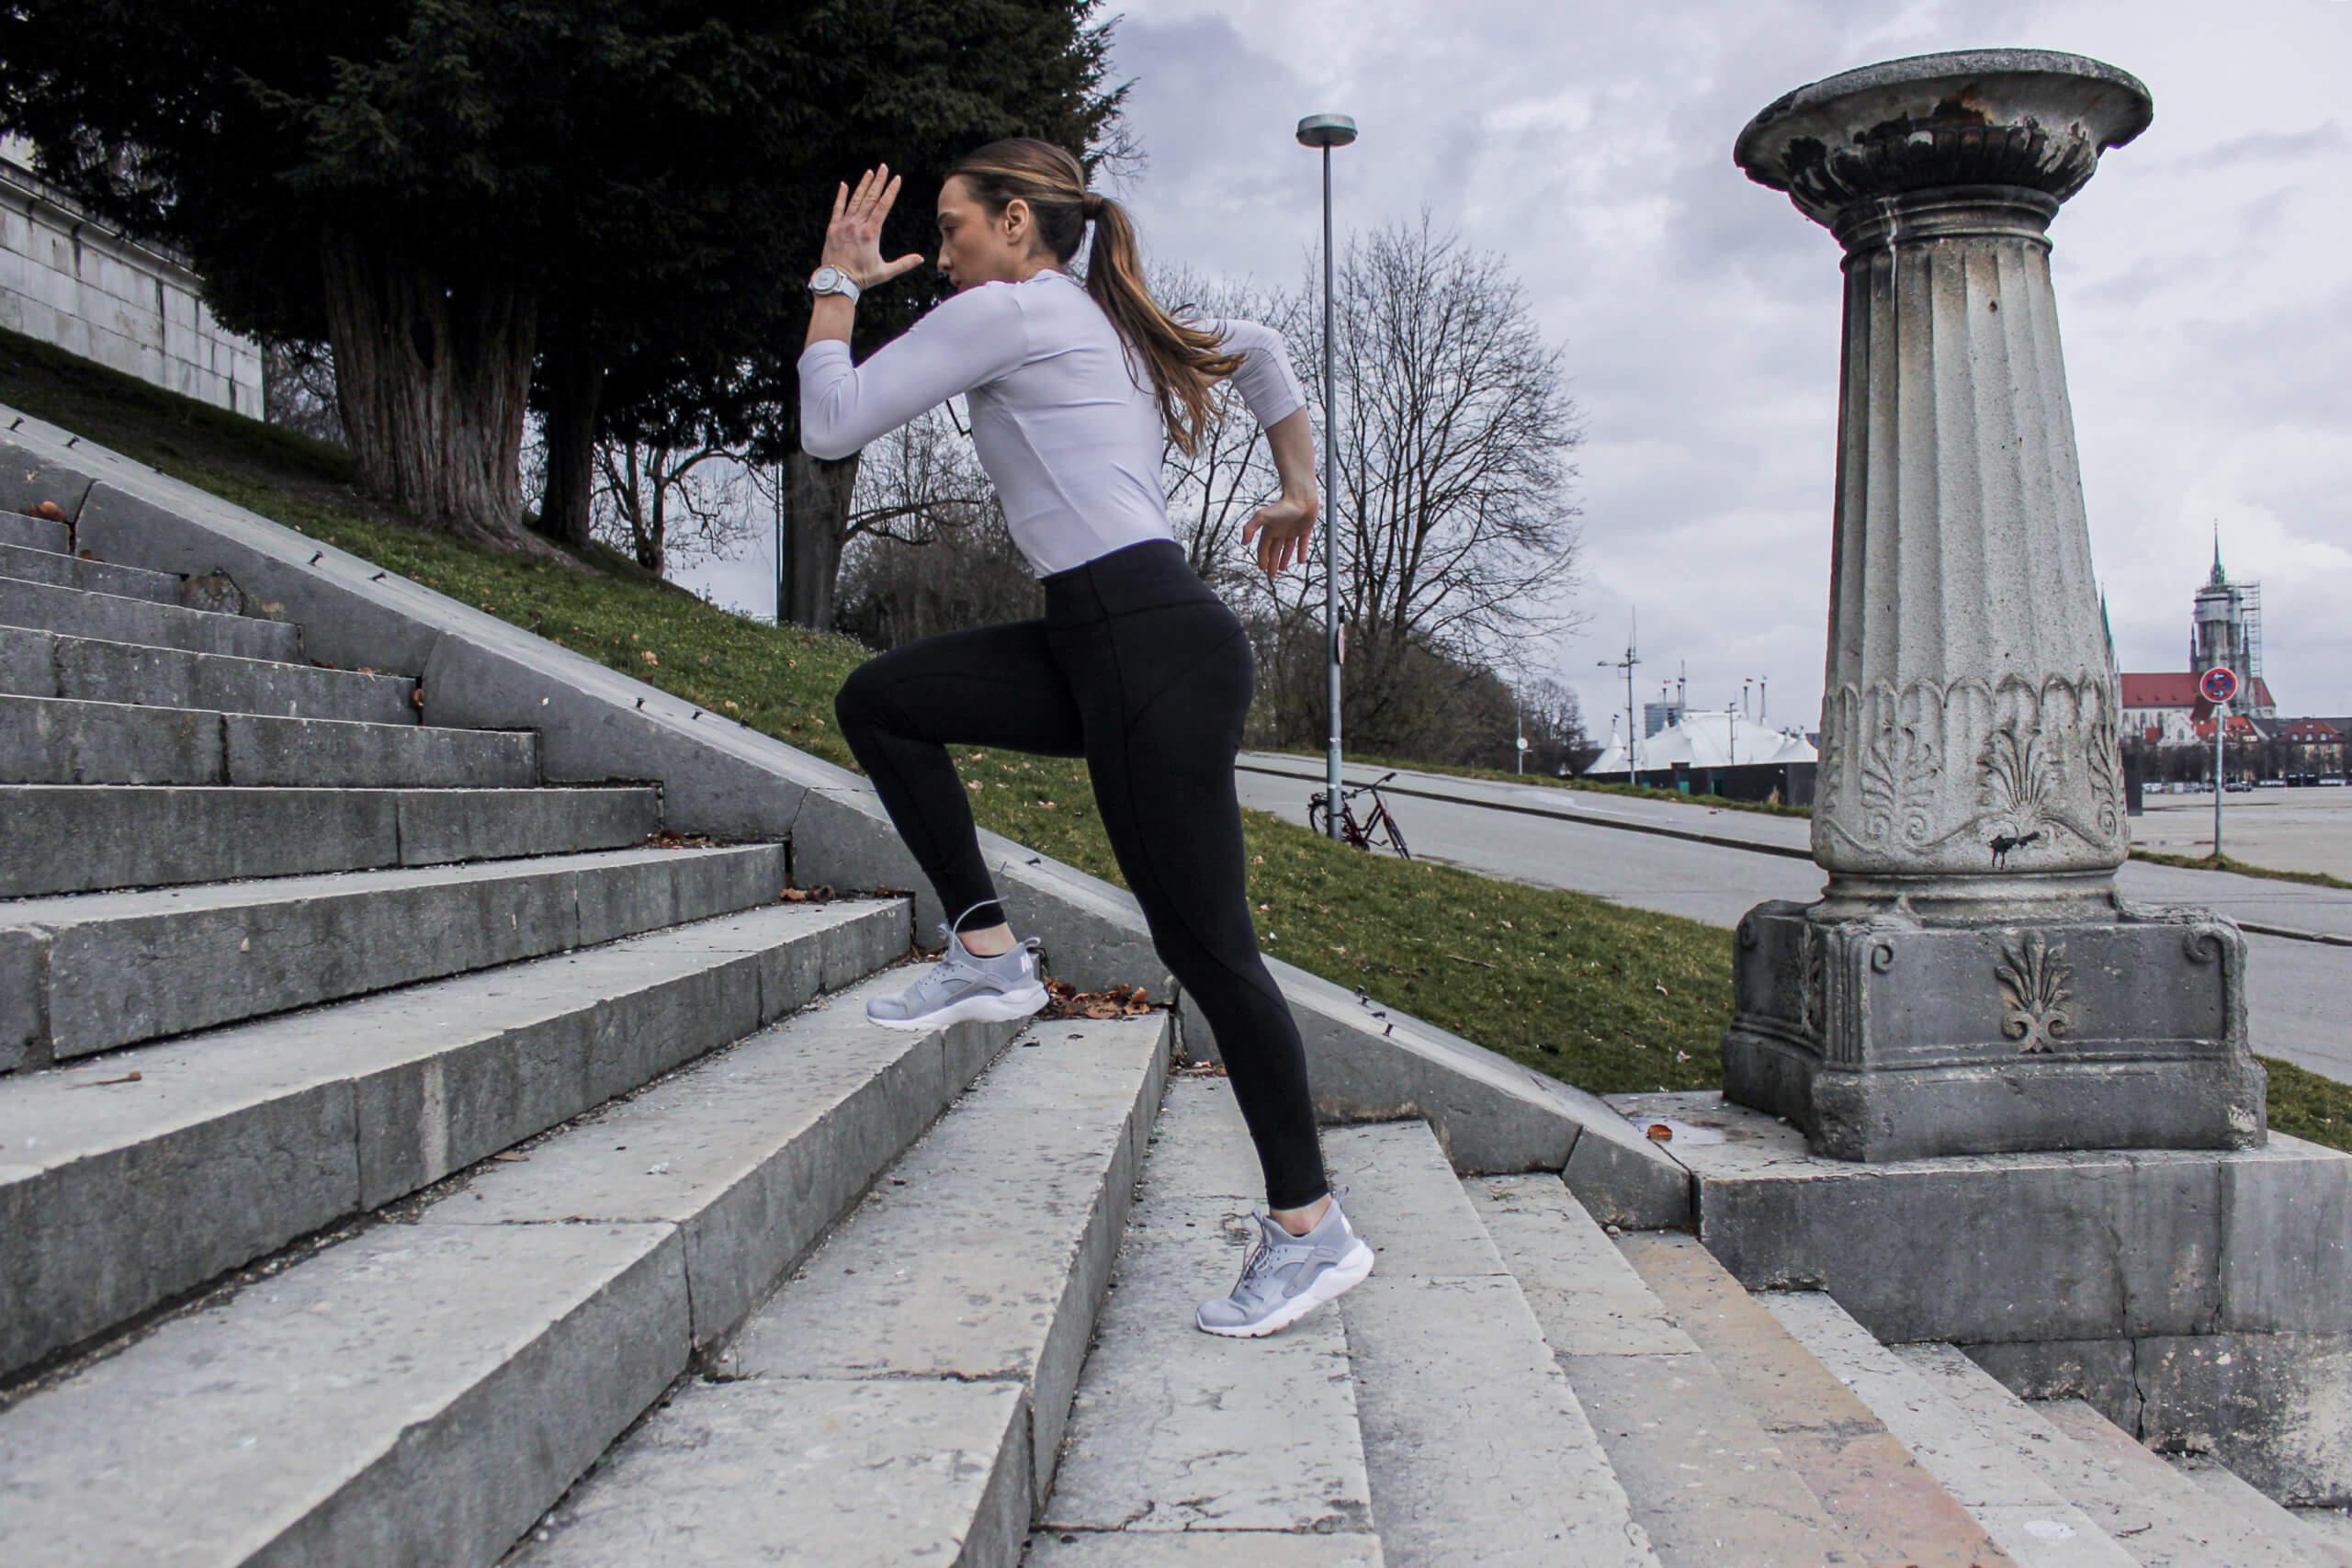 sportlerin treppe laufen sprinten gesund fit